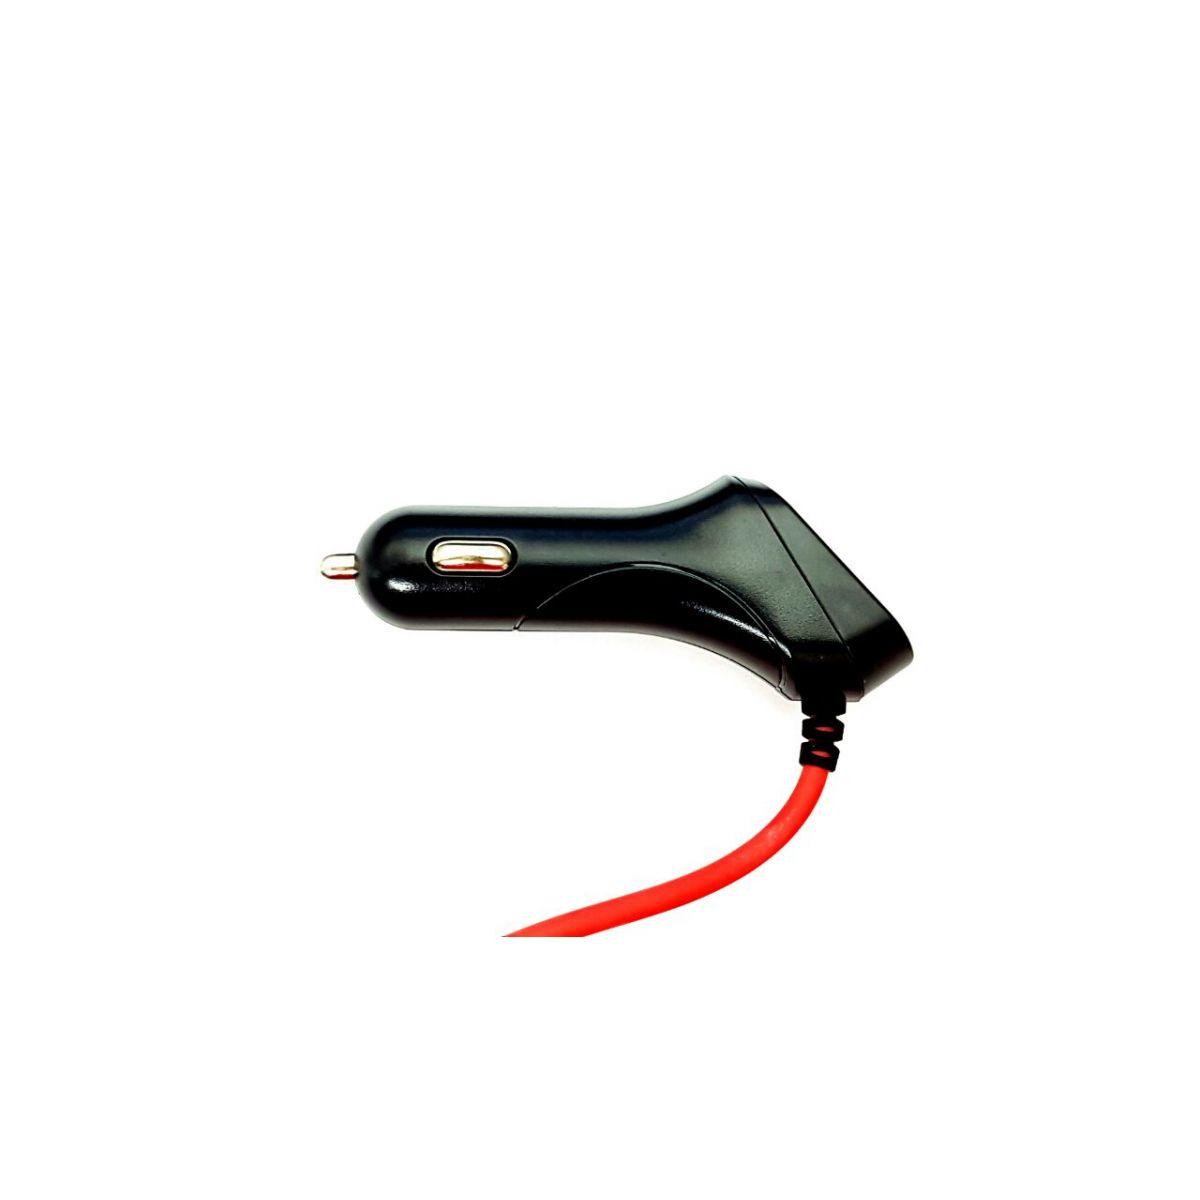 Carregador Veicular Turbo Compatível Samsung Preto com Vermelho Usb Extra 3.4A